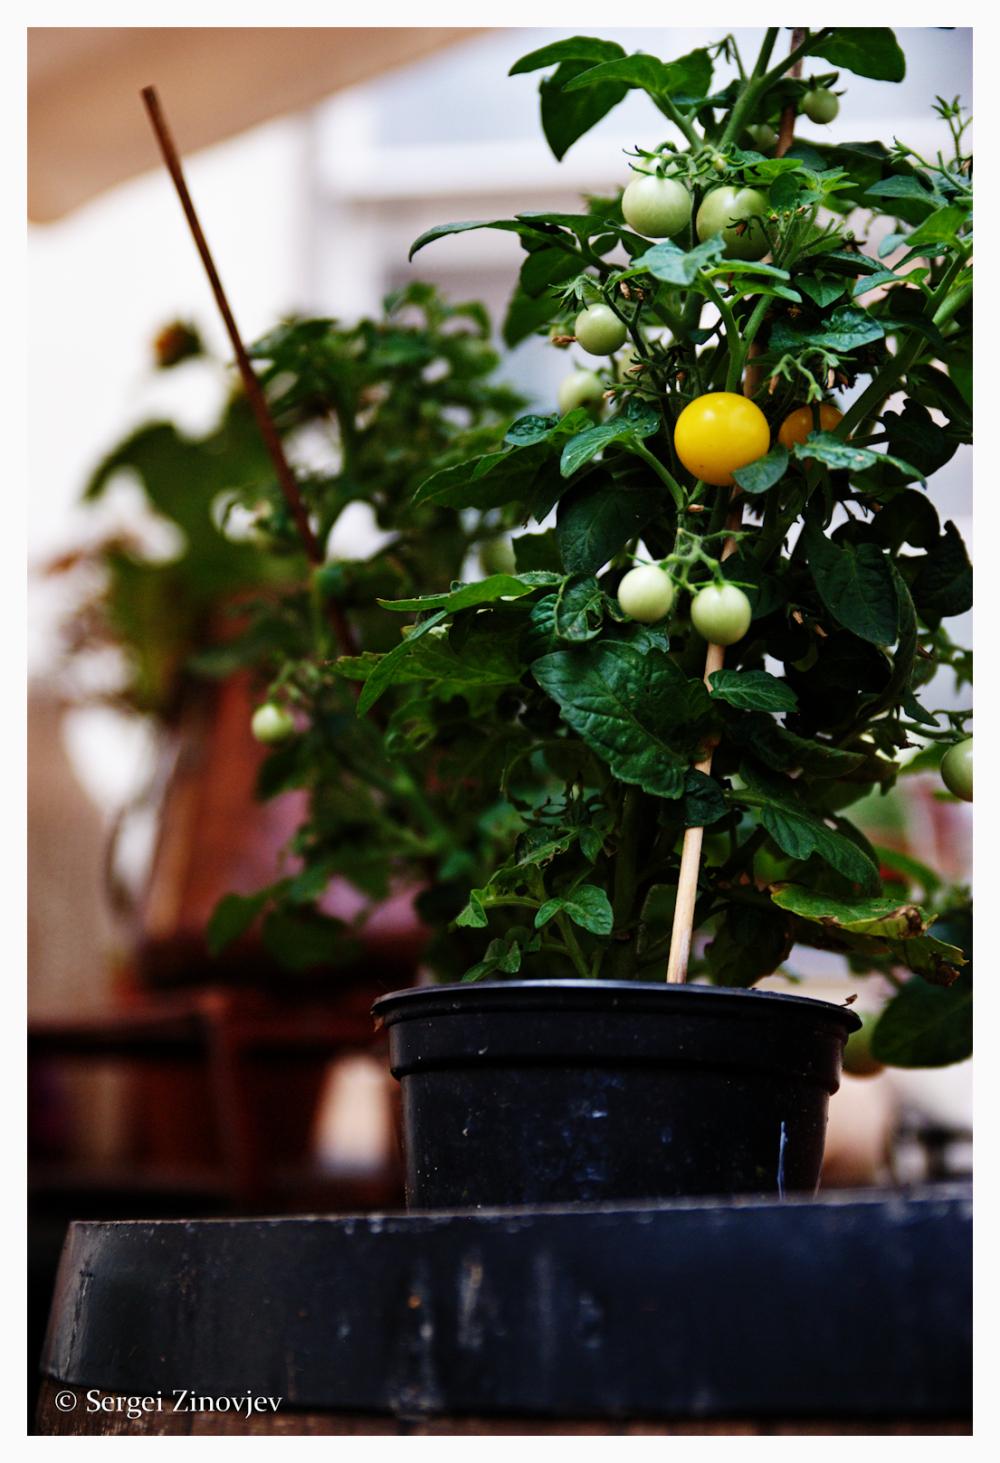 Yellow tomato plant